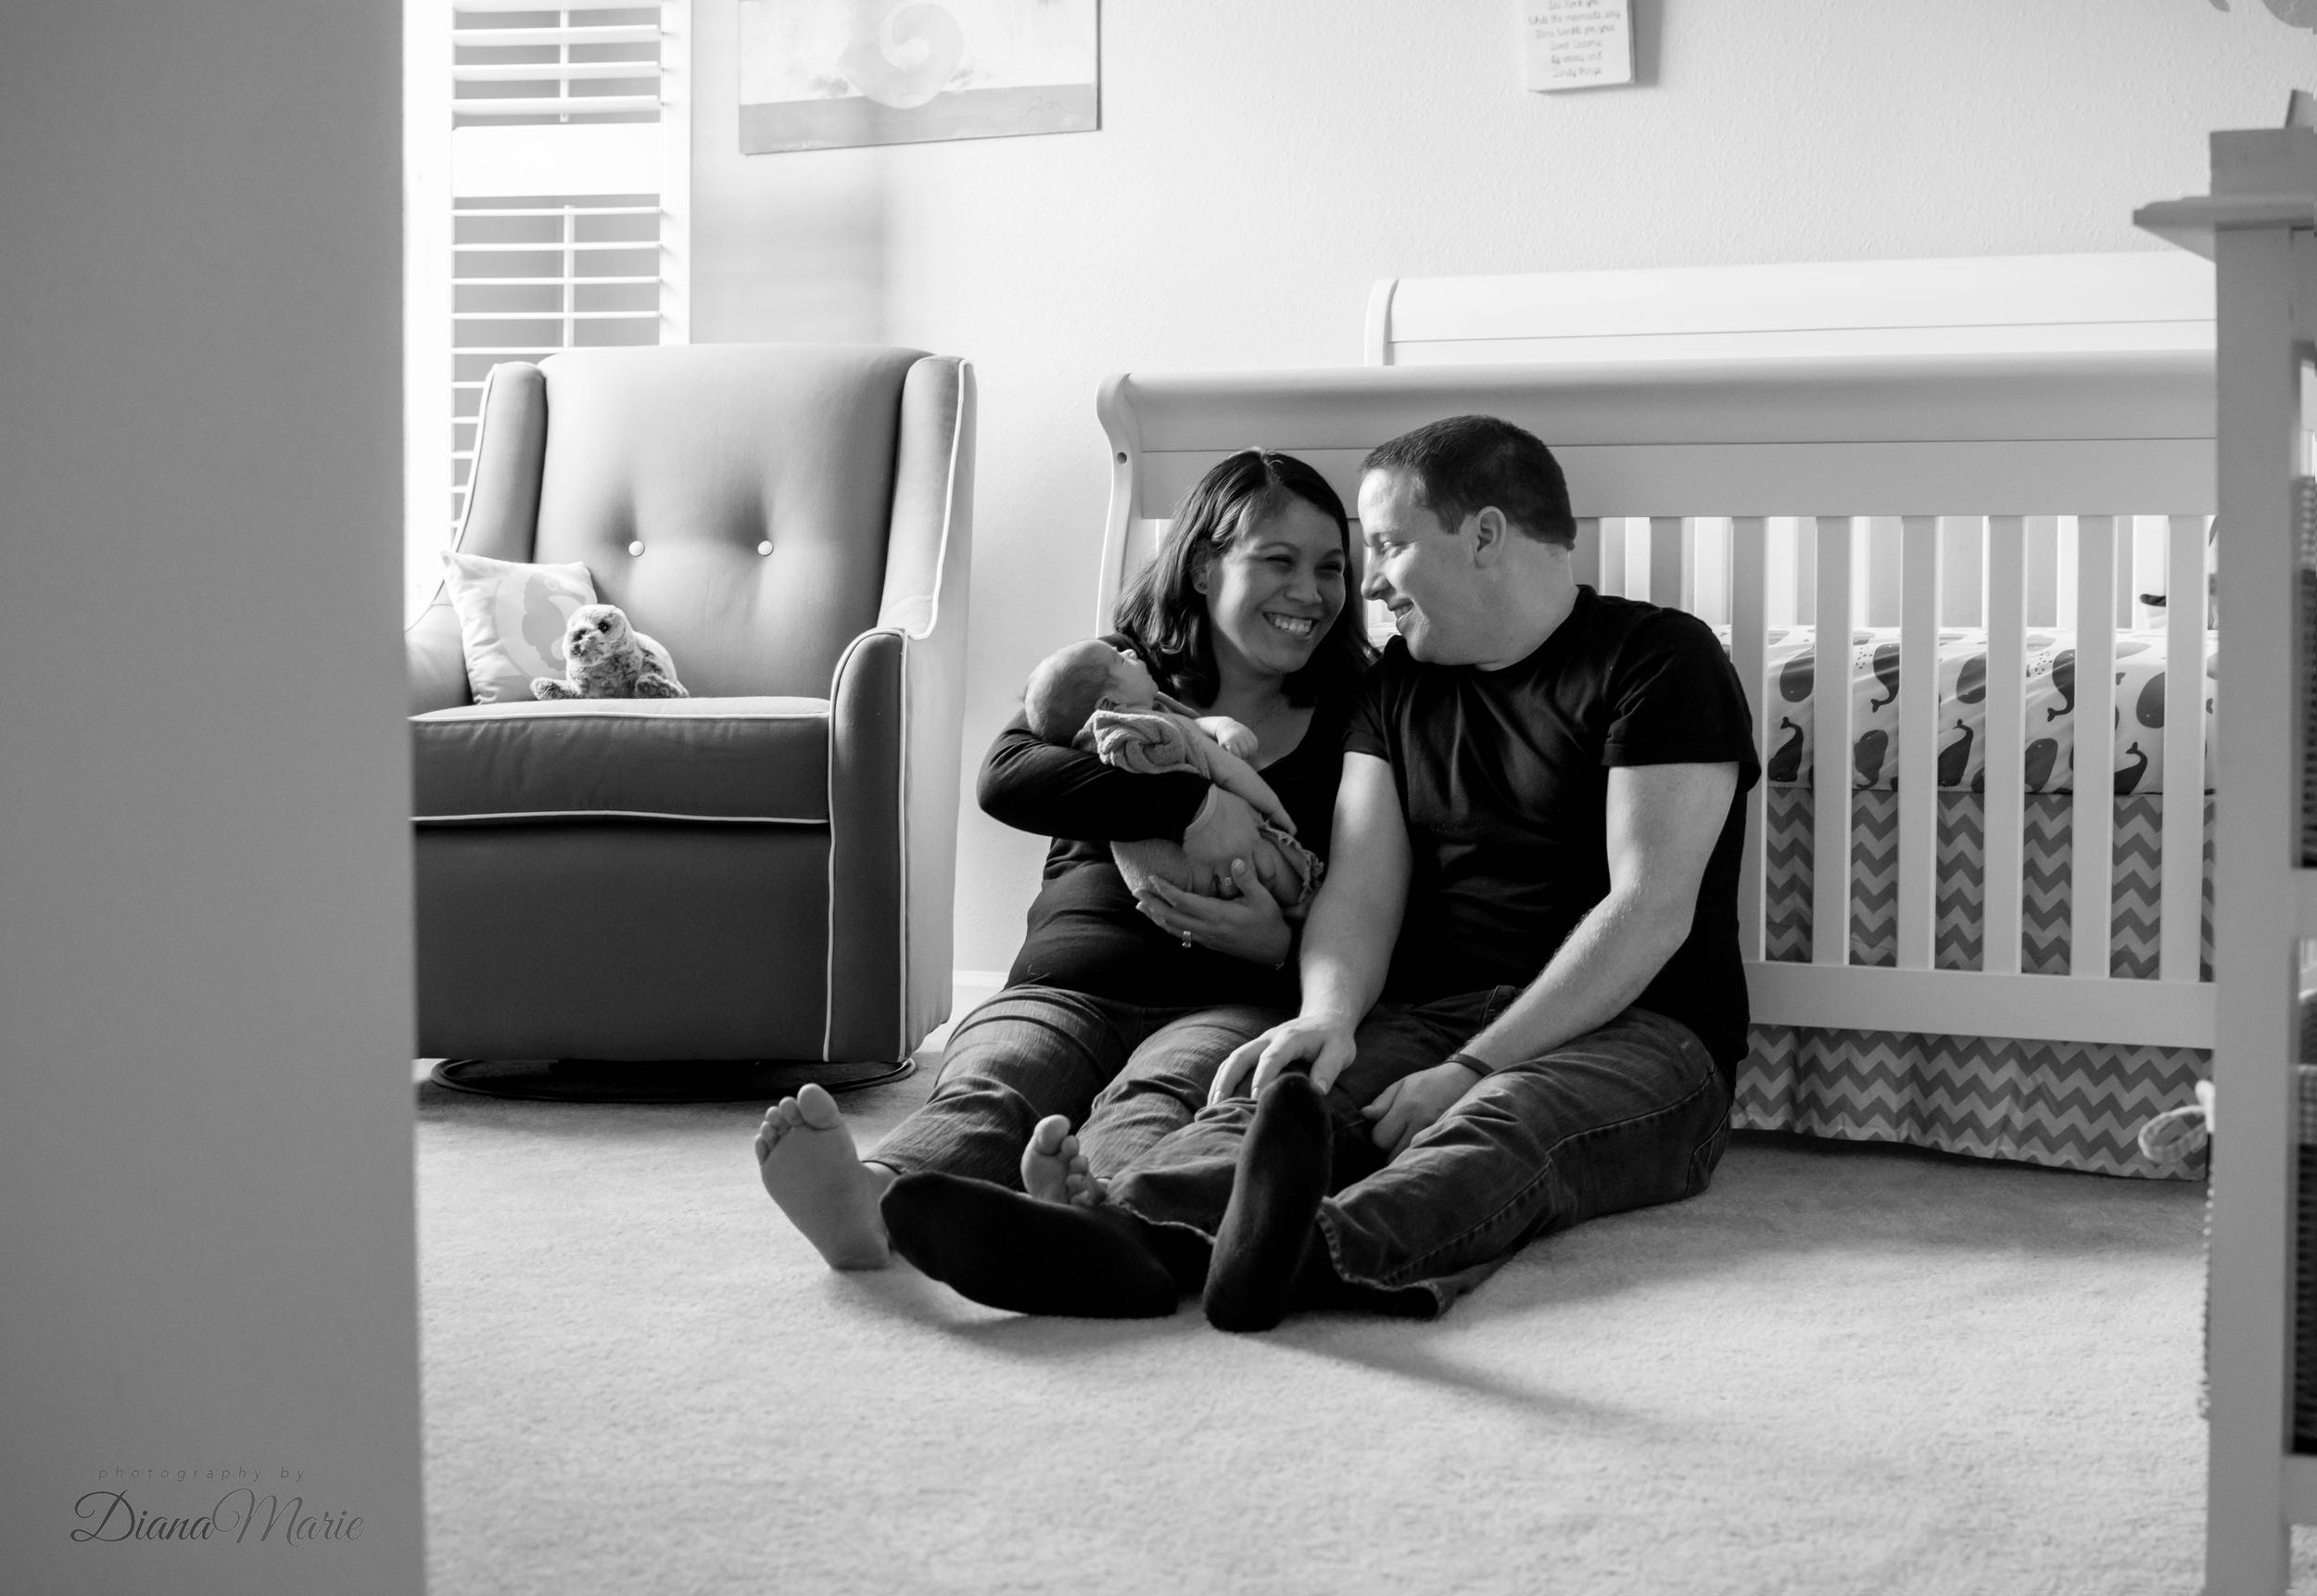 Titling/Alt Text/Description: 1. Jacksonville newborn photography 2. Newborn photography Jacksonville 3. Newborn session 4. lifestyle session 5. St Augustine photography